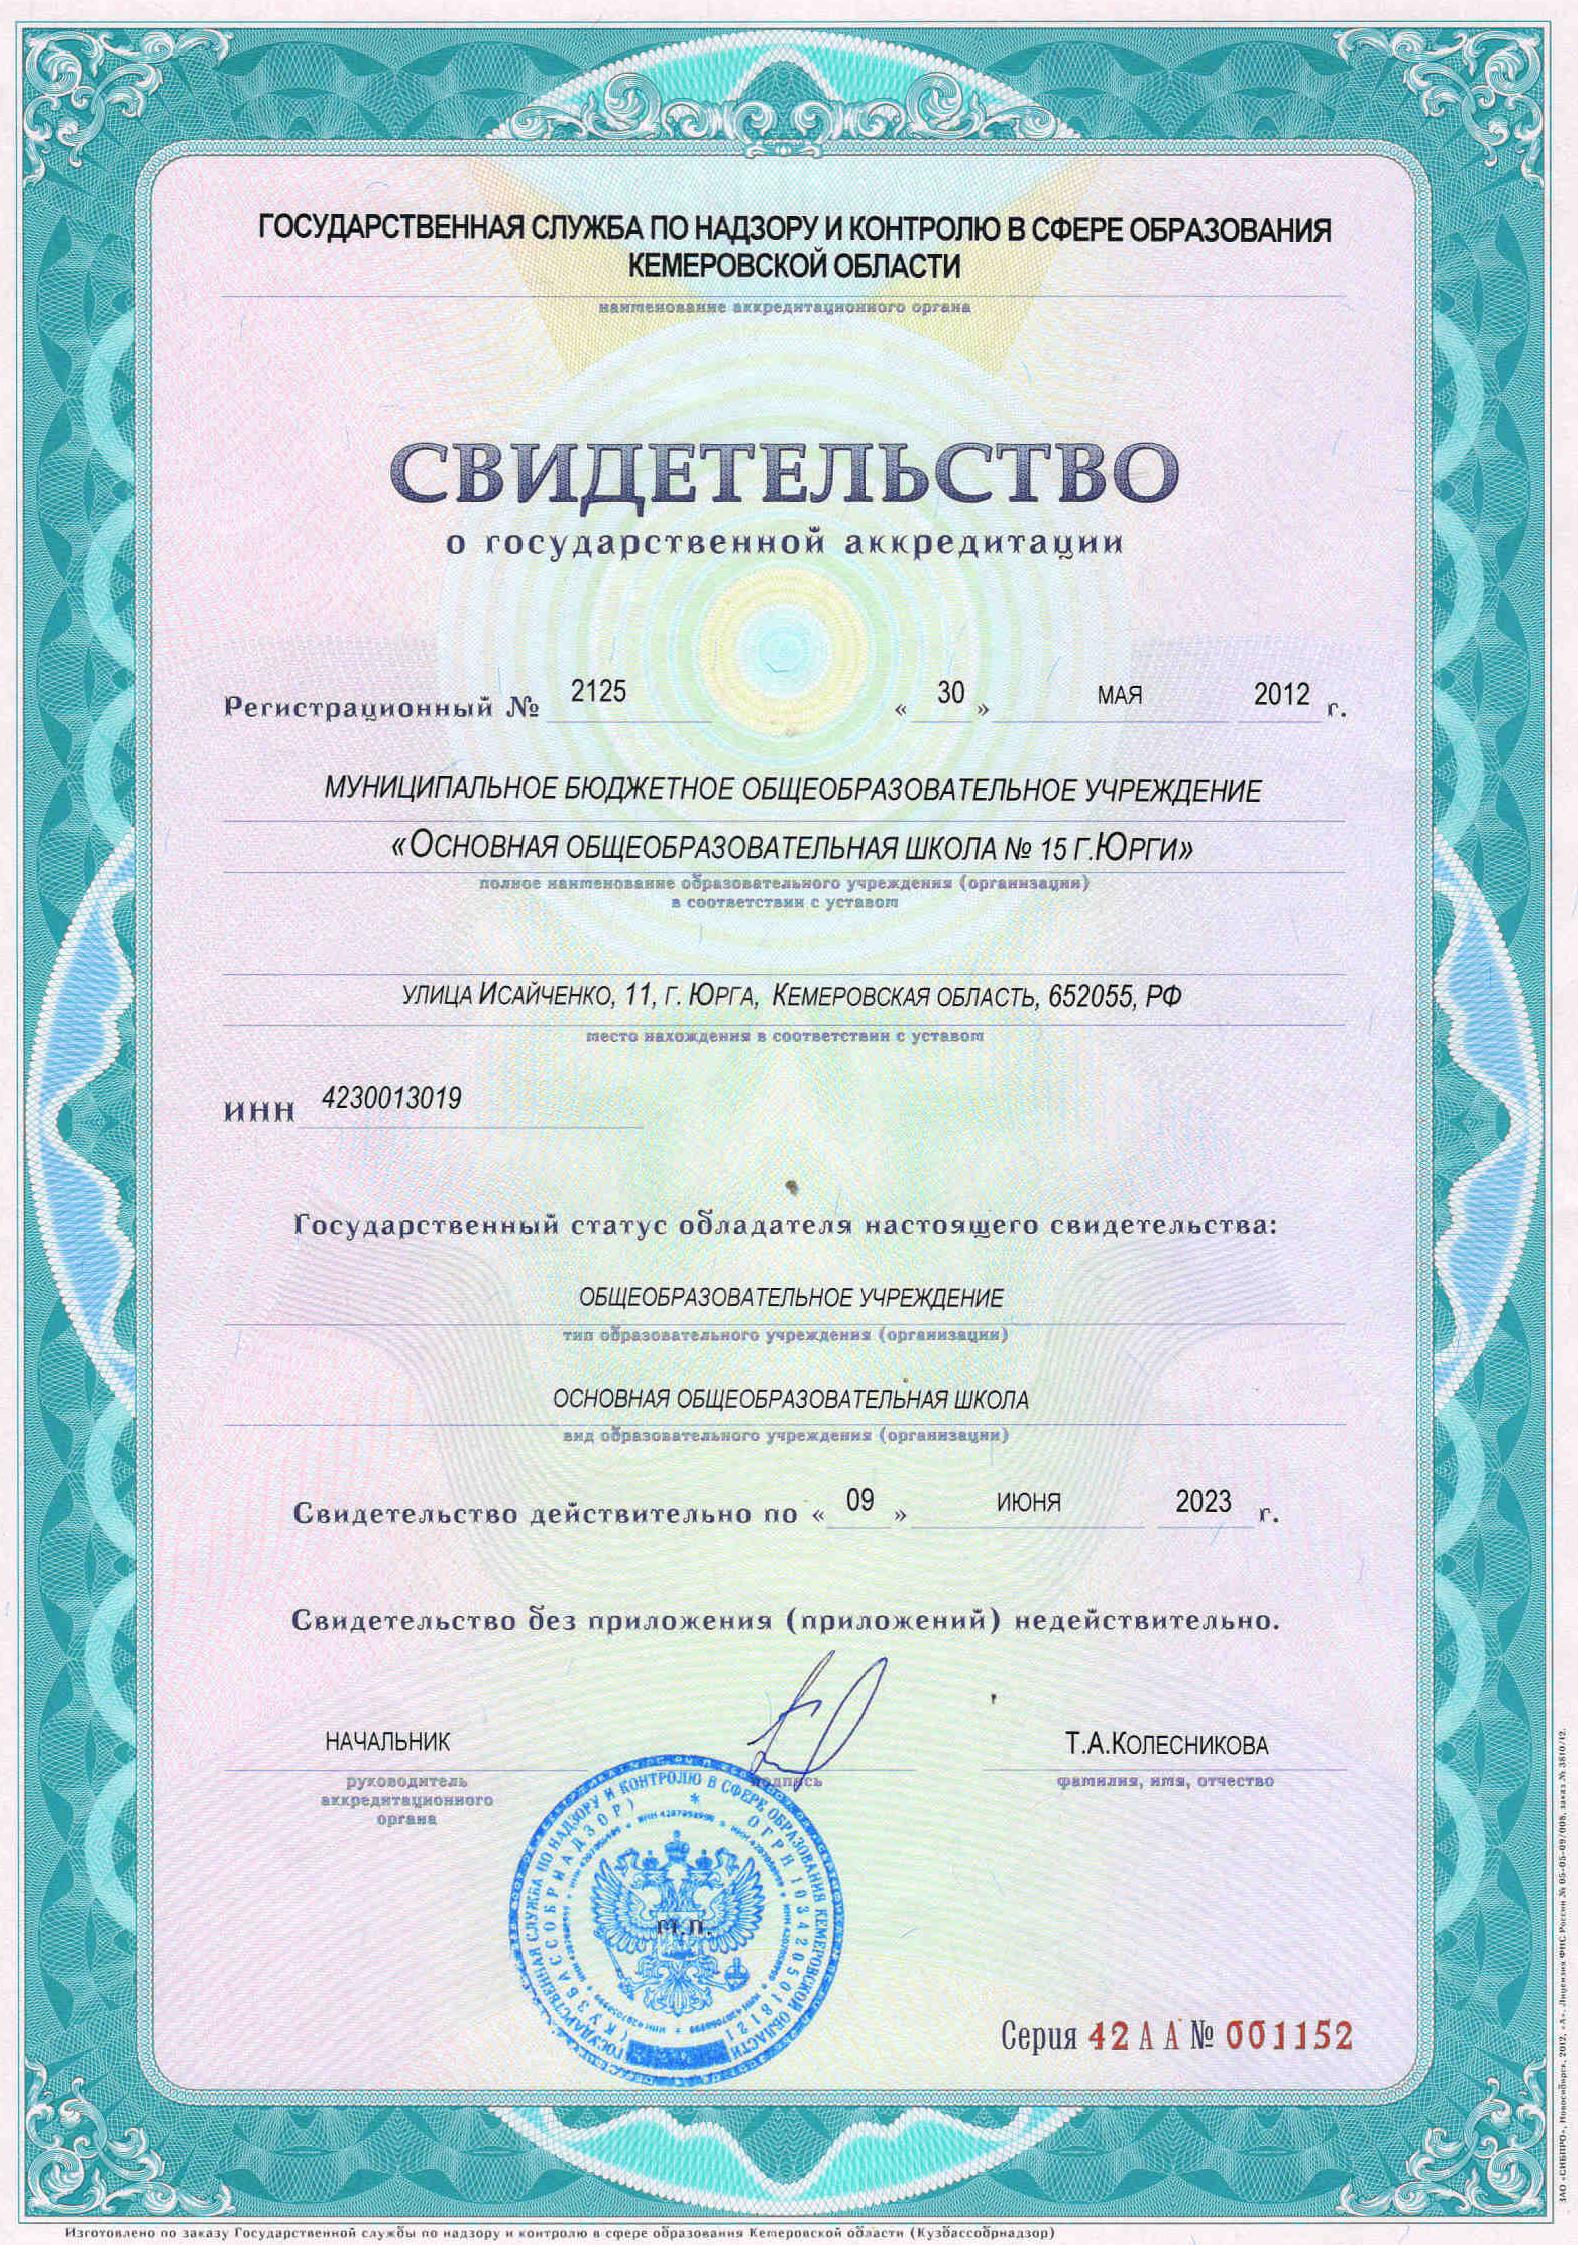 Регистрационный орган статус